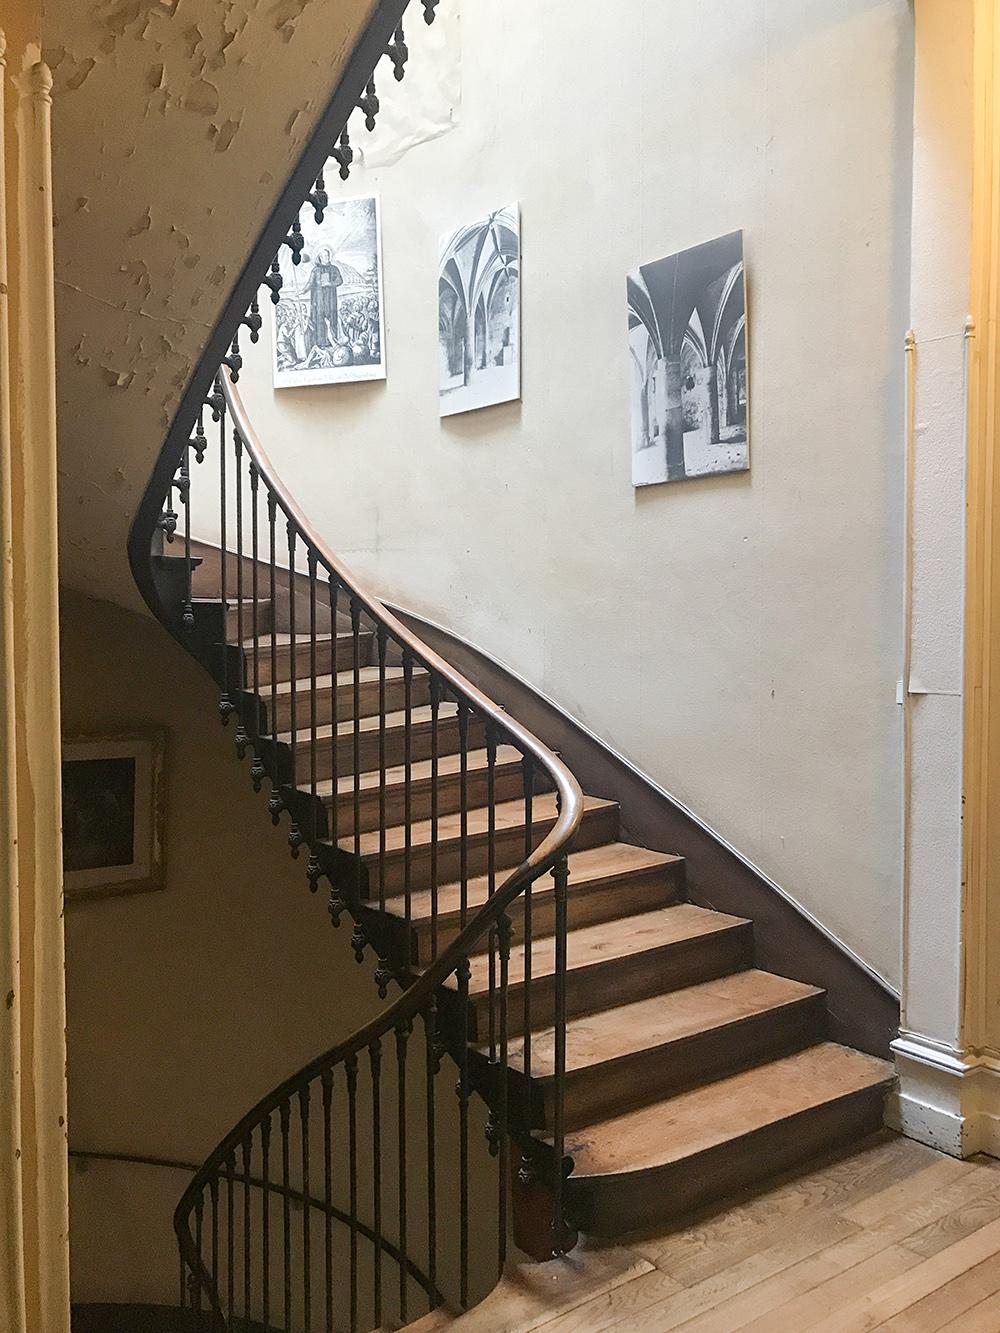 détail d'escalier allant vers le deuxième étage, où sont installés les bureaux de la SAHC